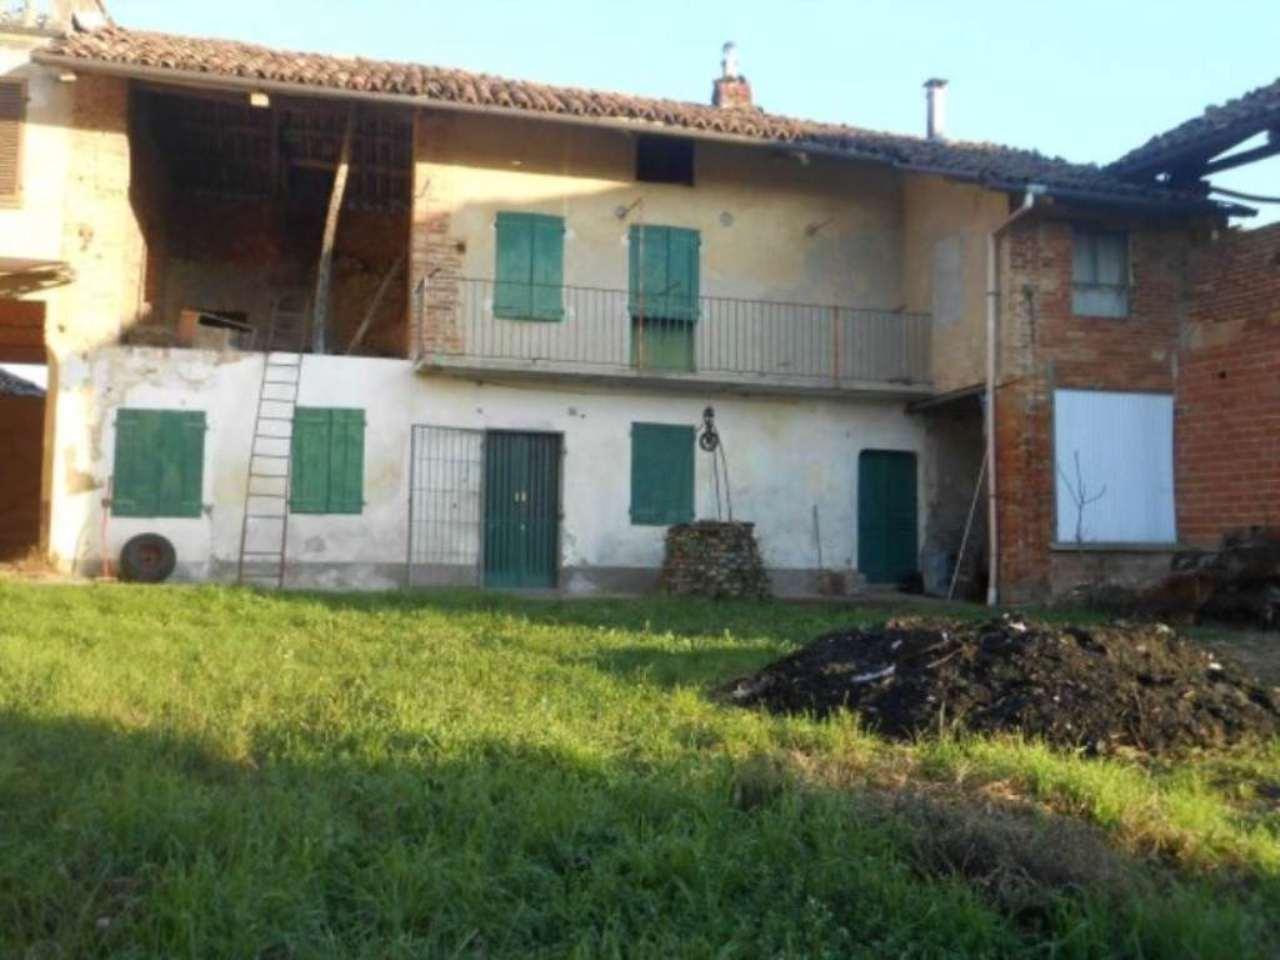 Rustico / Casale in vendita a Passerano Marmorito, 6 locali, prezzo € 39.000 | CambioCasa.it